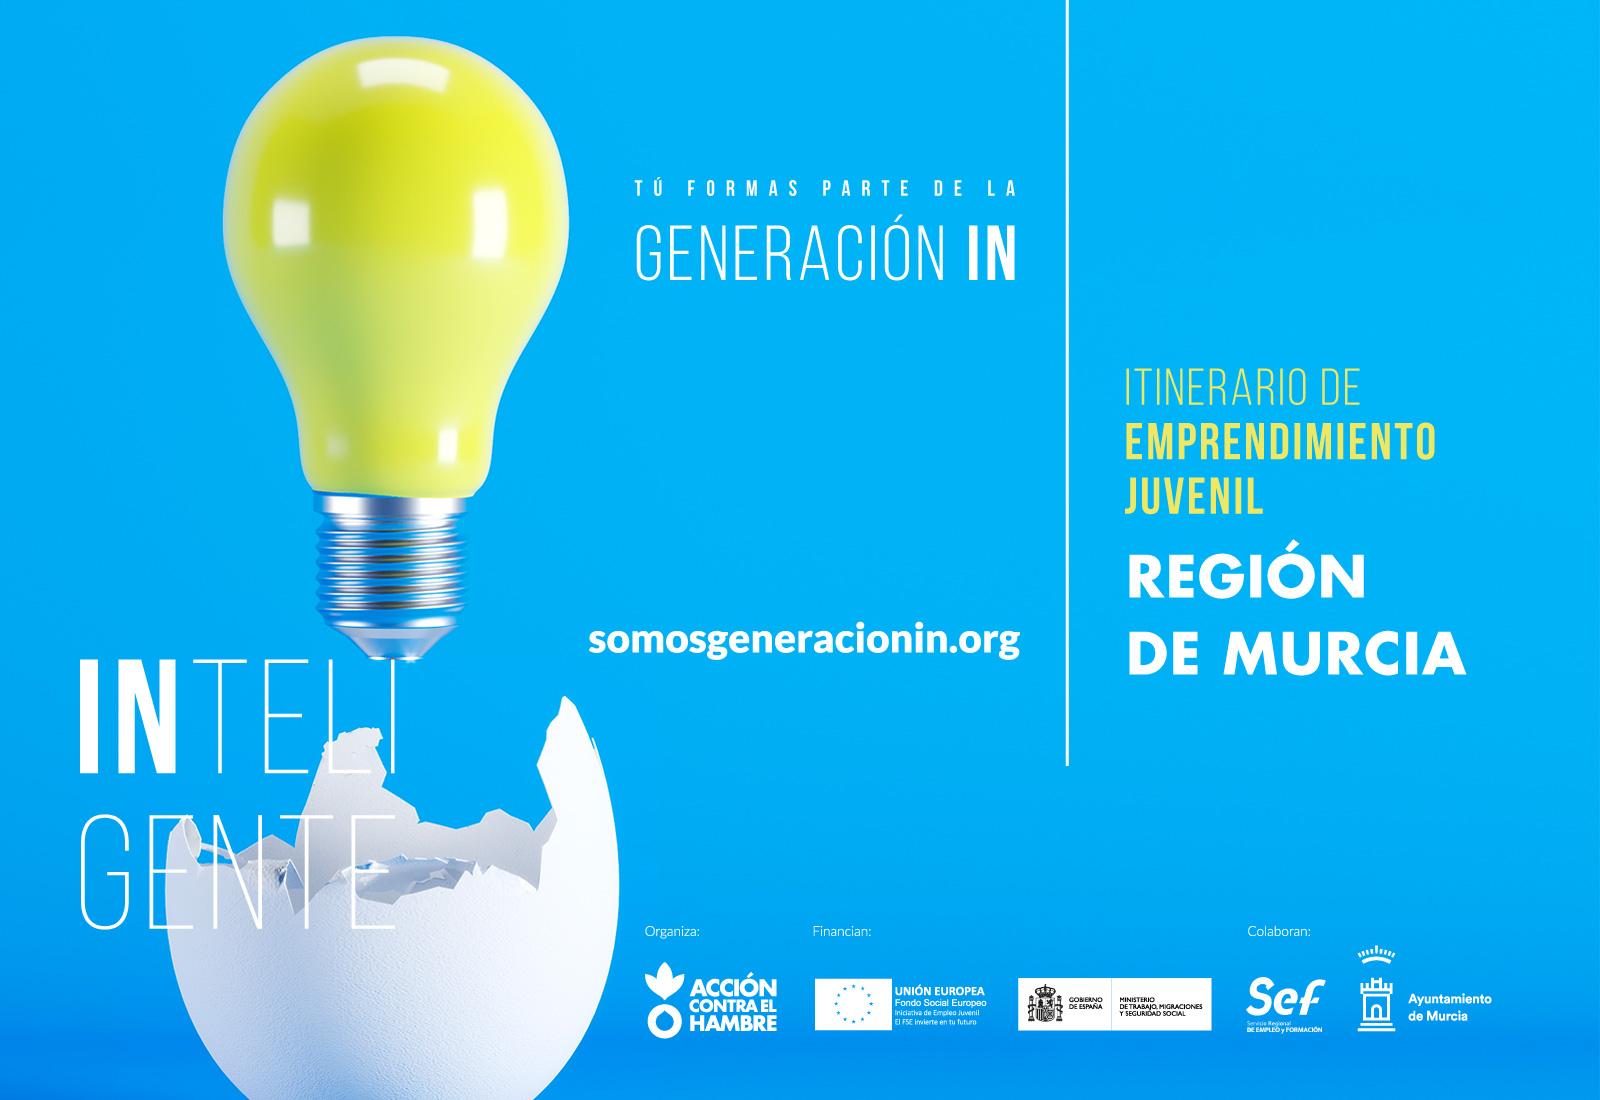 Generación IN Programa gratuito de formación competencial en softskills y de emprendimiento